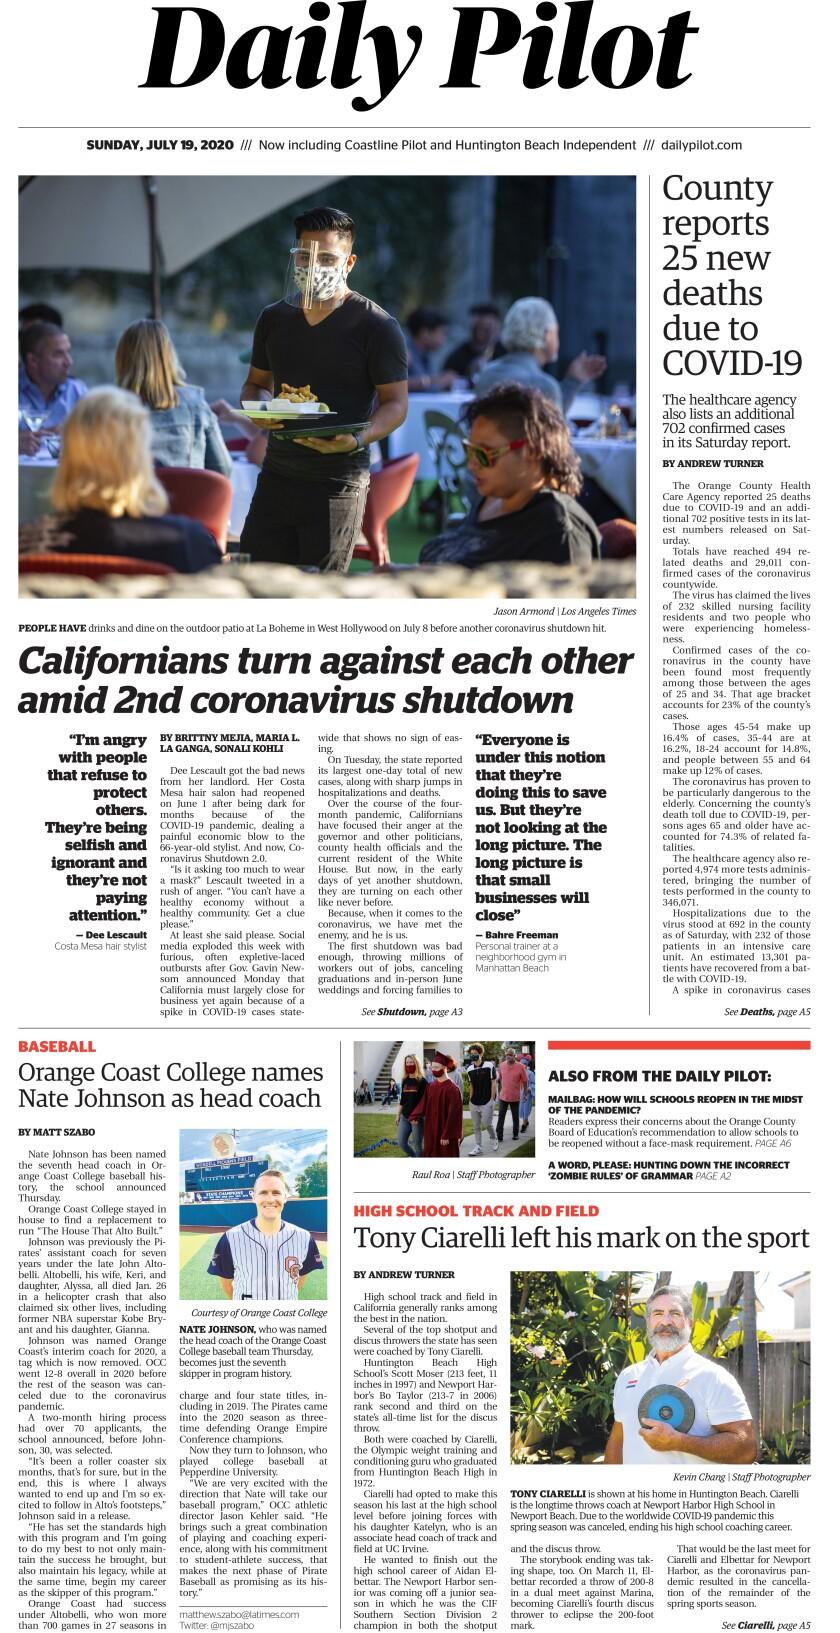 Daily Pilot e-Newspaper: Sunday, July 19, 2020